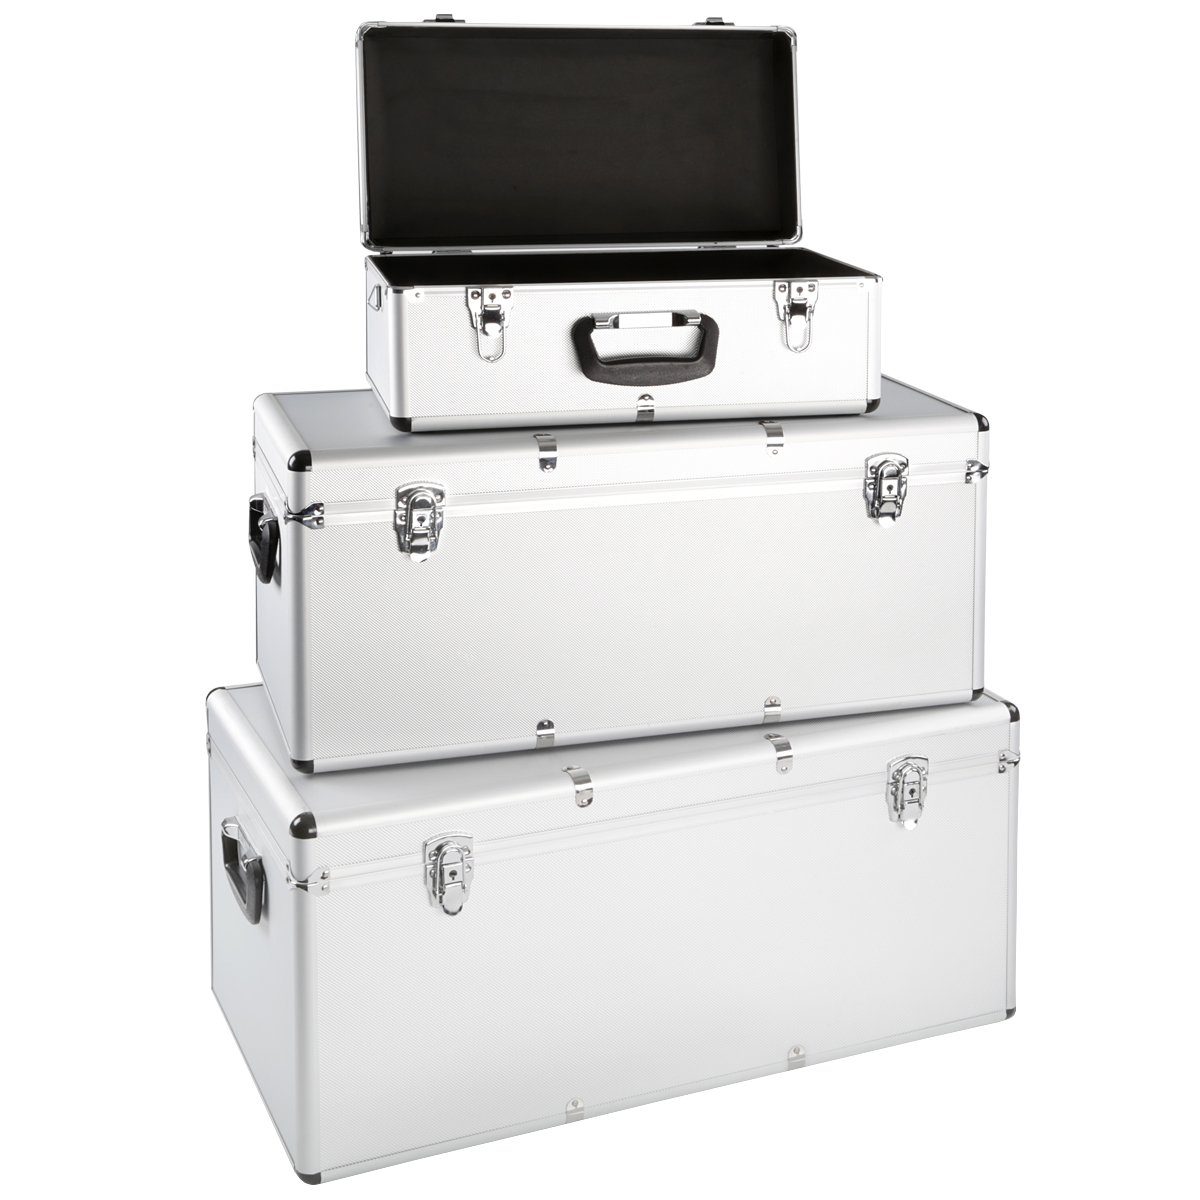 3er Set Alu Boxen Alukiste Werkzeugkiste Transportbox Lagerbox Lagerkiste Abschließbar  BaumarktKritiken und weitere Informationen